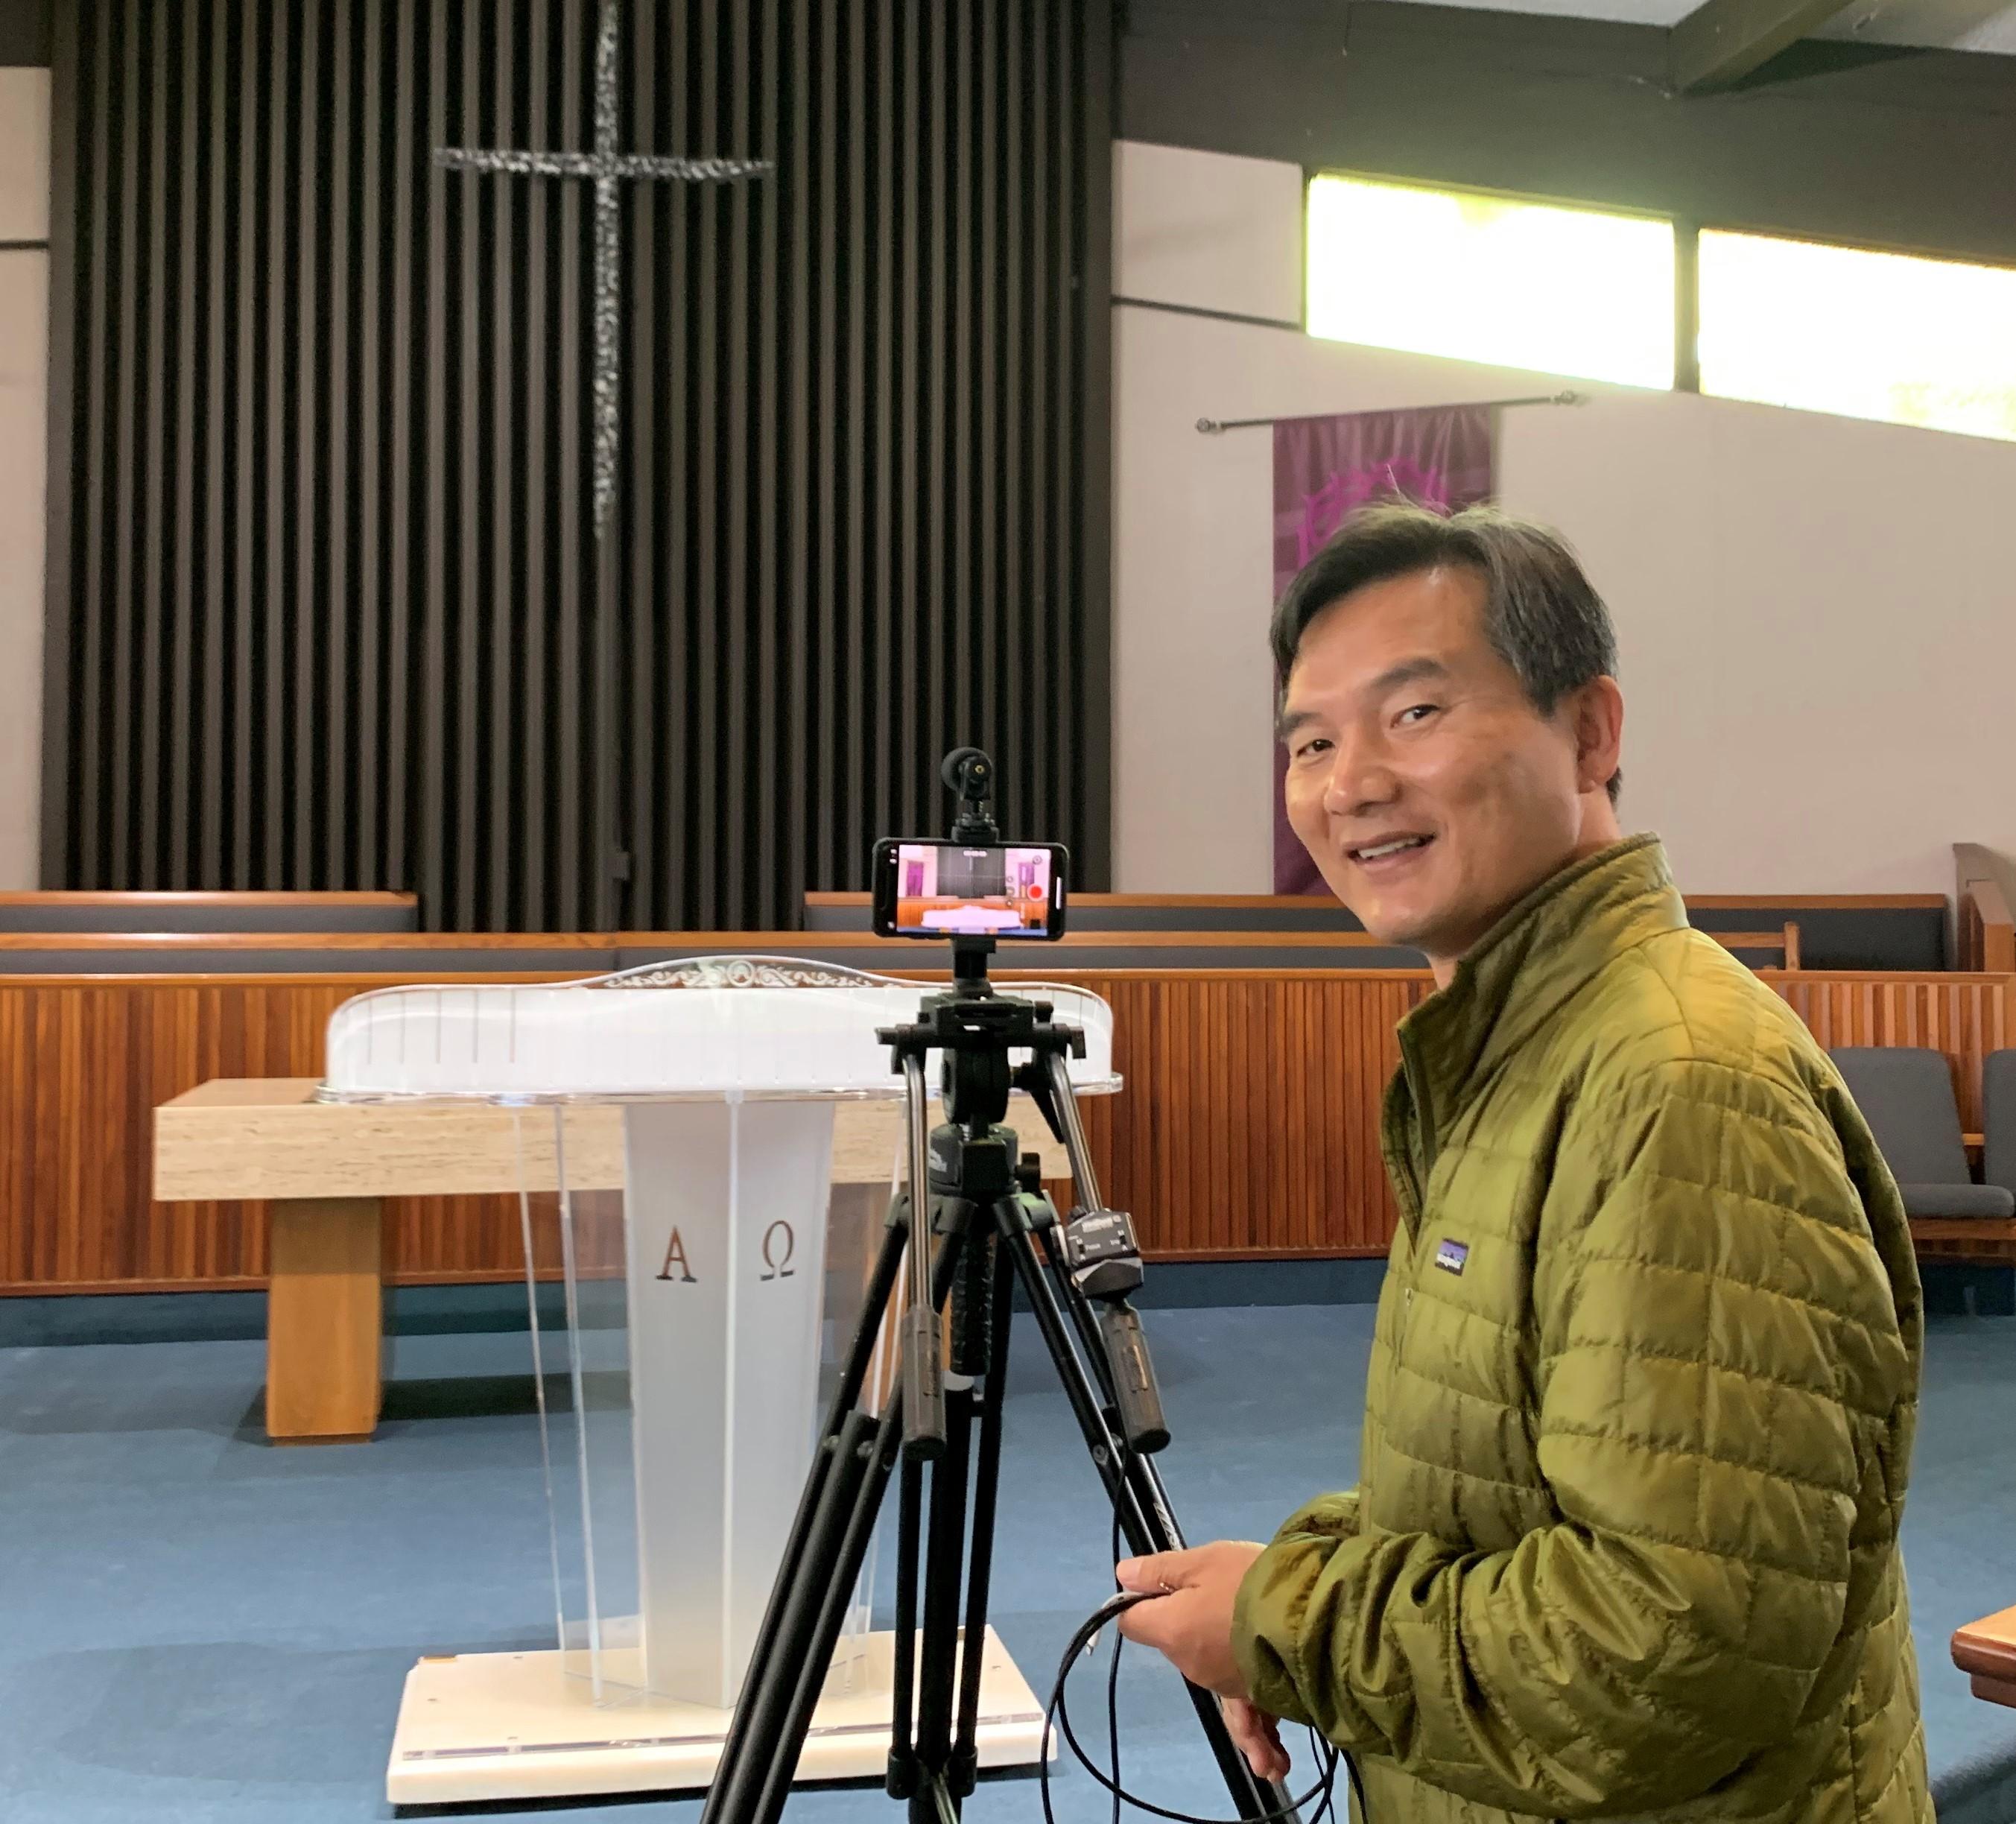 이창민 목사가 영상 예배 녹화를 위해 준비하고 있다. 사진 제공, 이창민 목사, LA한인연합감리교회.